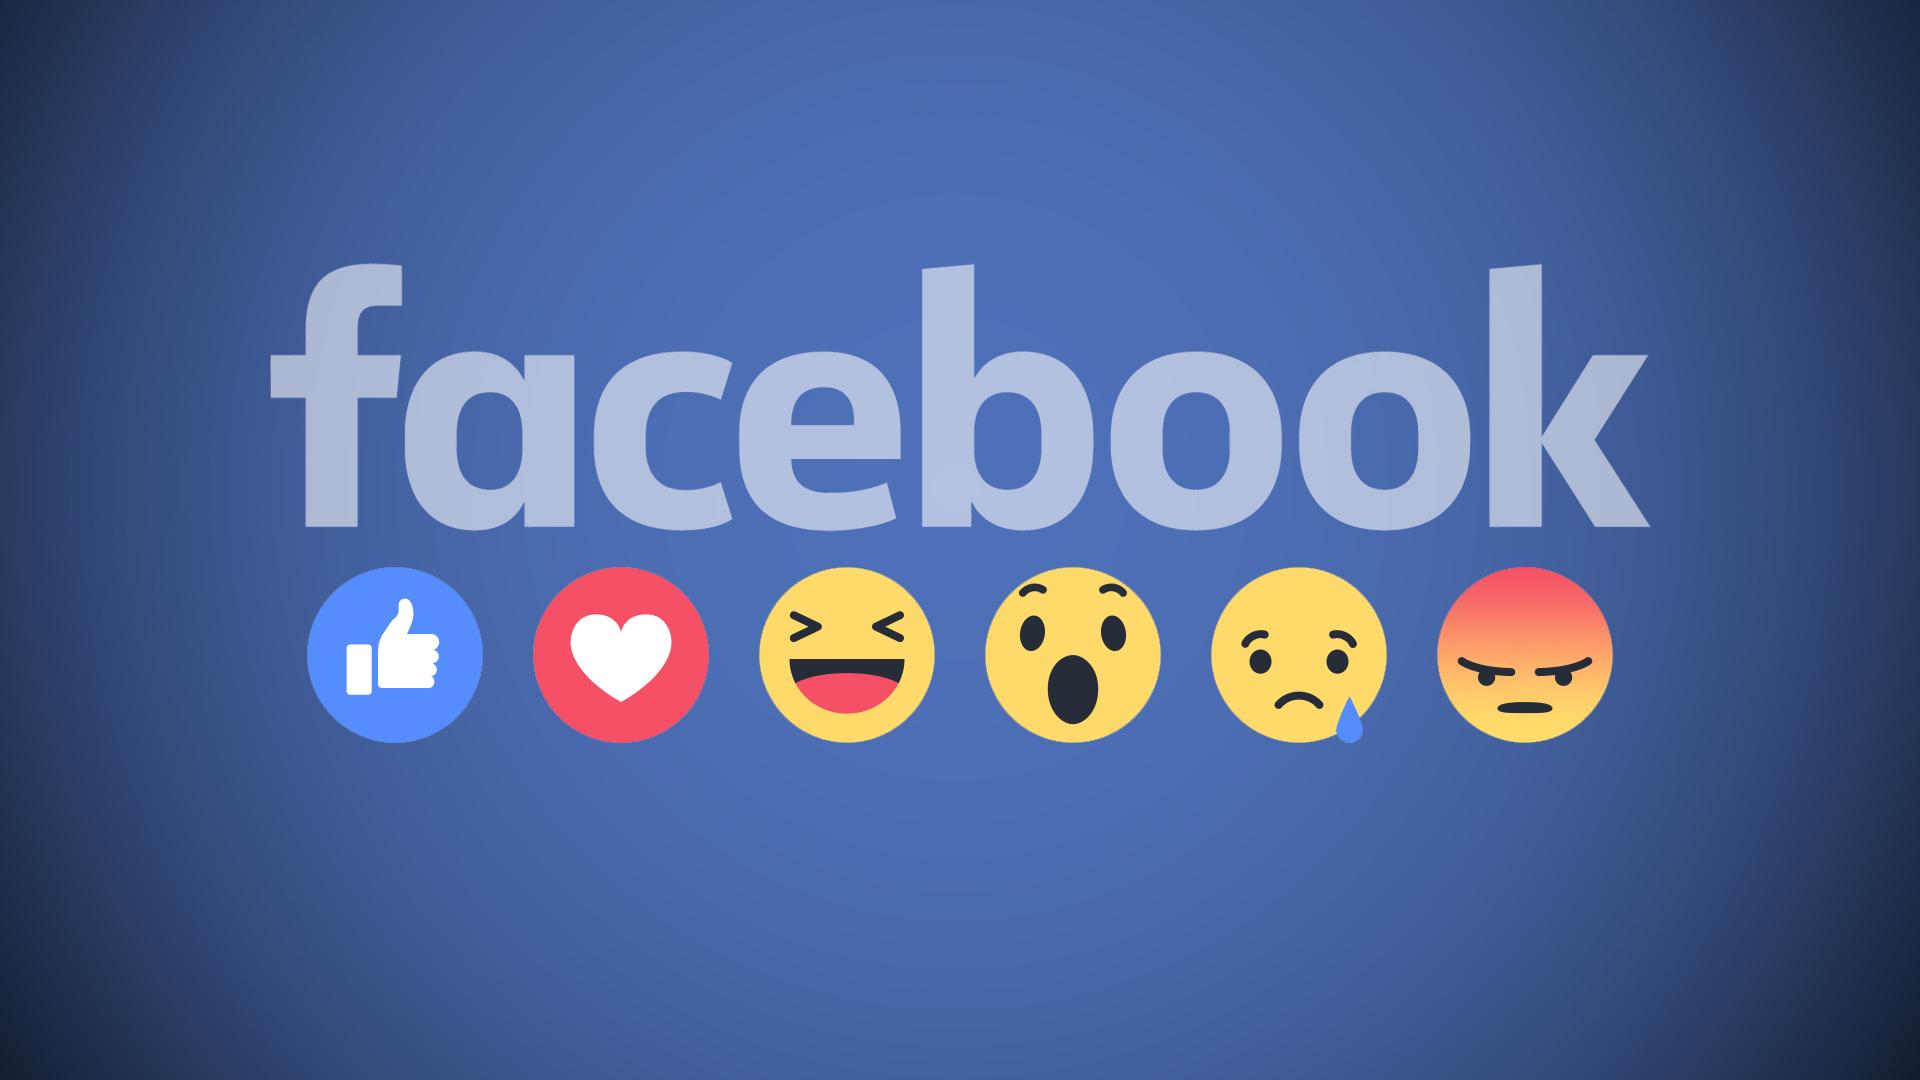 شمار کاربران فیسبوک به چه تعداد رسیده است؟